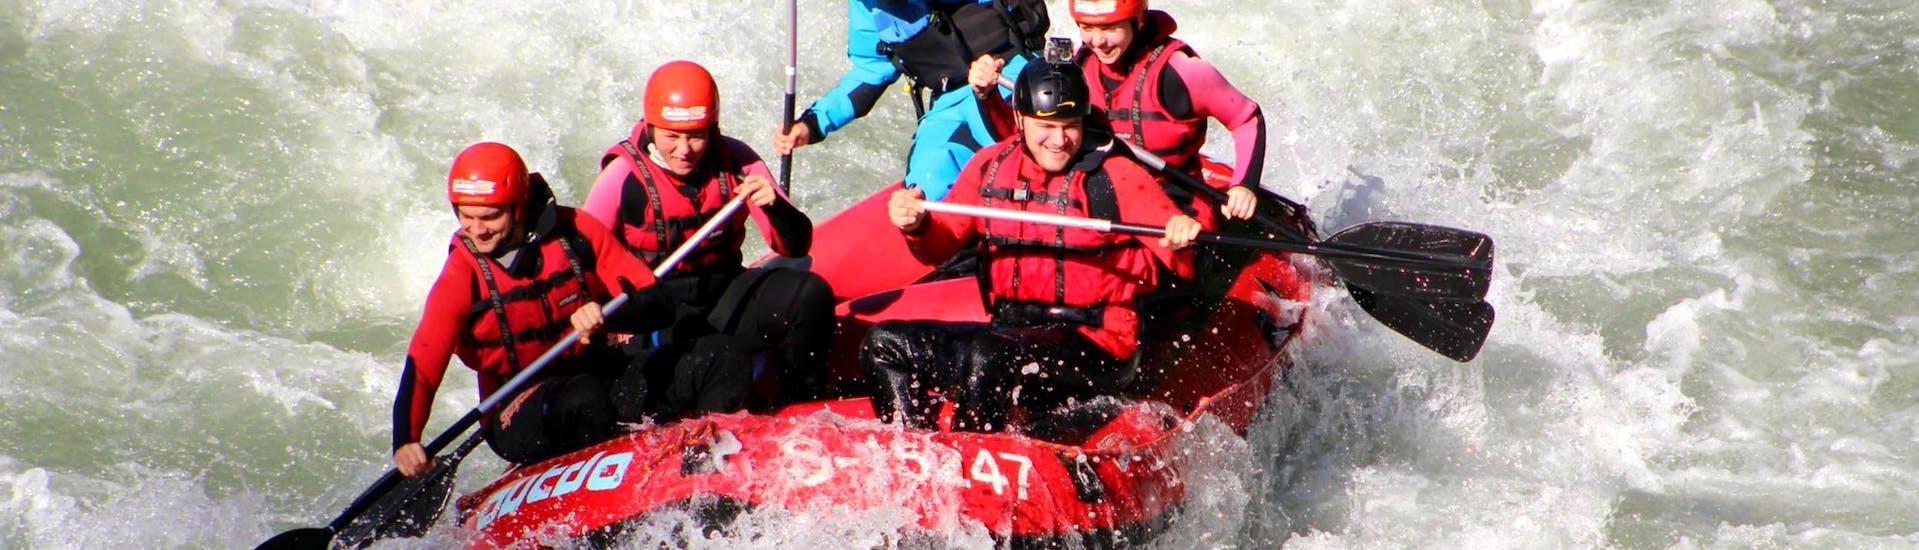 """Die Teilnehmer der Rafting-Tour """"Wild Water"""" bezwingen gemeinsam mit einem erfahrenen Guide von Outdo Zell am See Rafting & Canyoning die hohen Wellen und Stromschnellen der Salzach."""